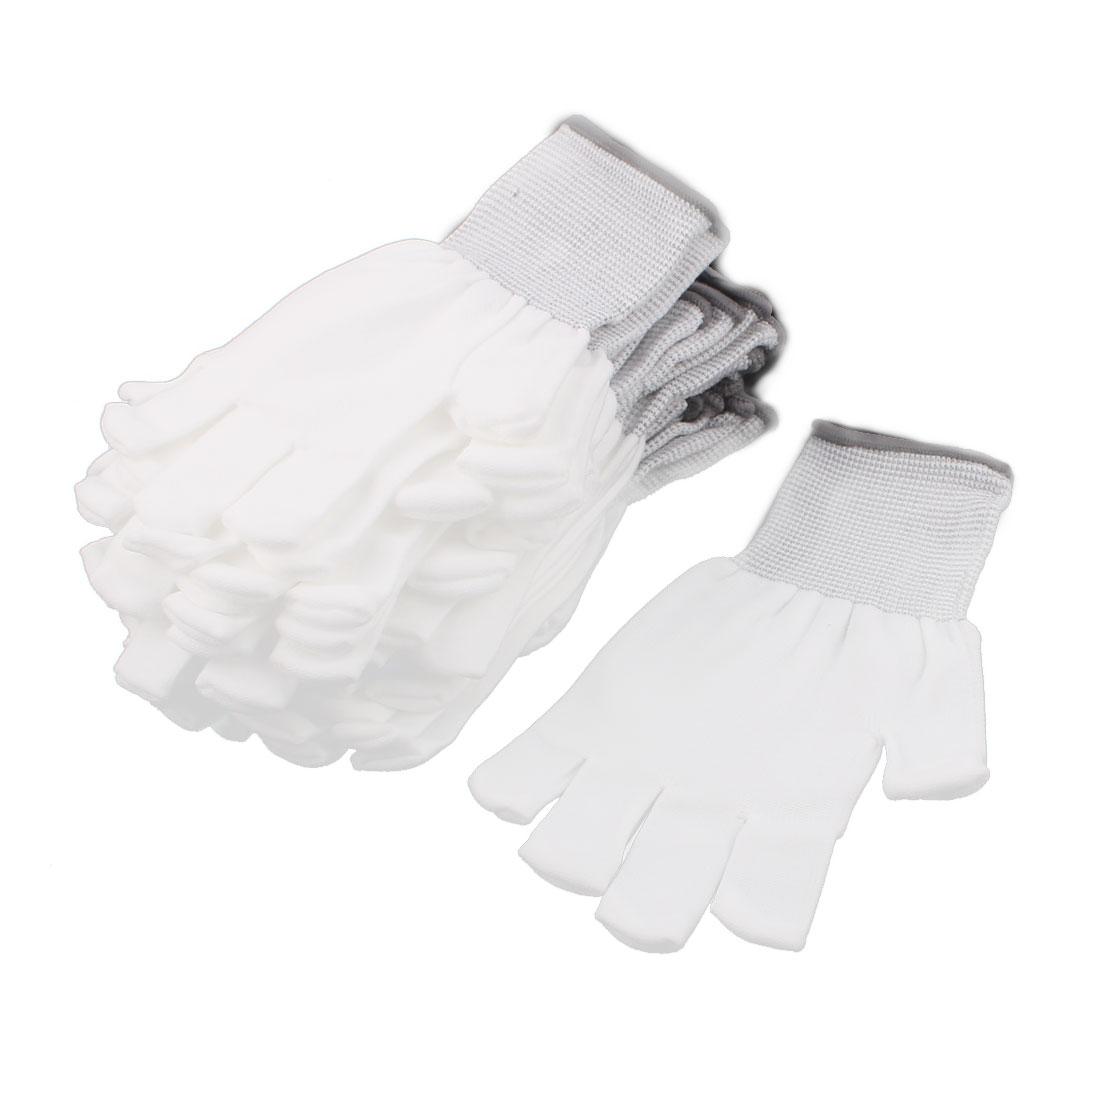 10Pairs Nylon Labor Protection Anti-static Non-slip Gloves Half Finger White